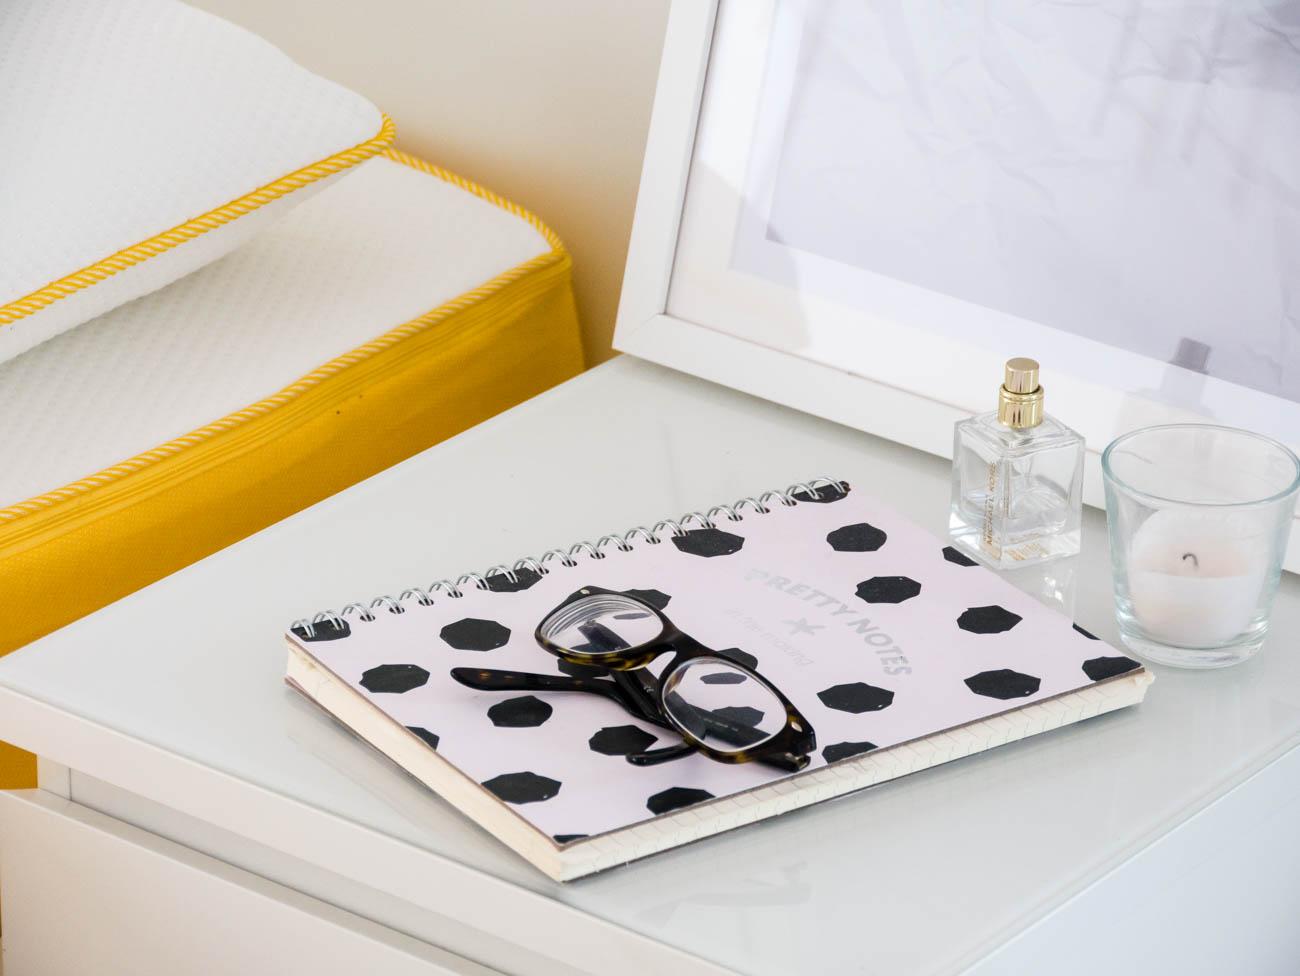 wir testen die neue eve matratze 2 0 produziert in deutschland. Black Bedroom Furniture Sets. Home Design Ideas